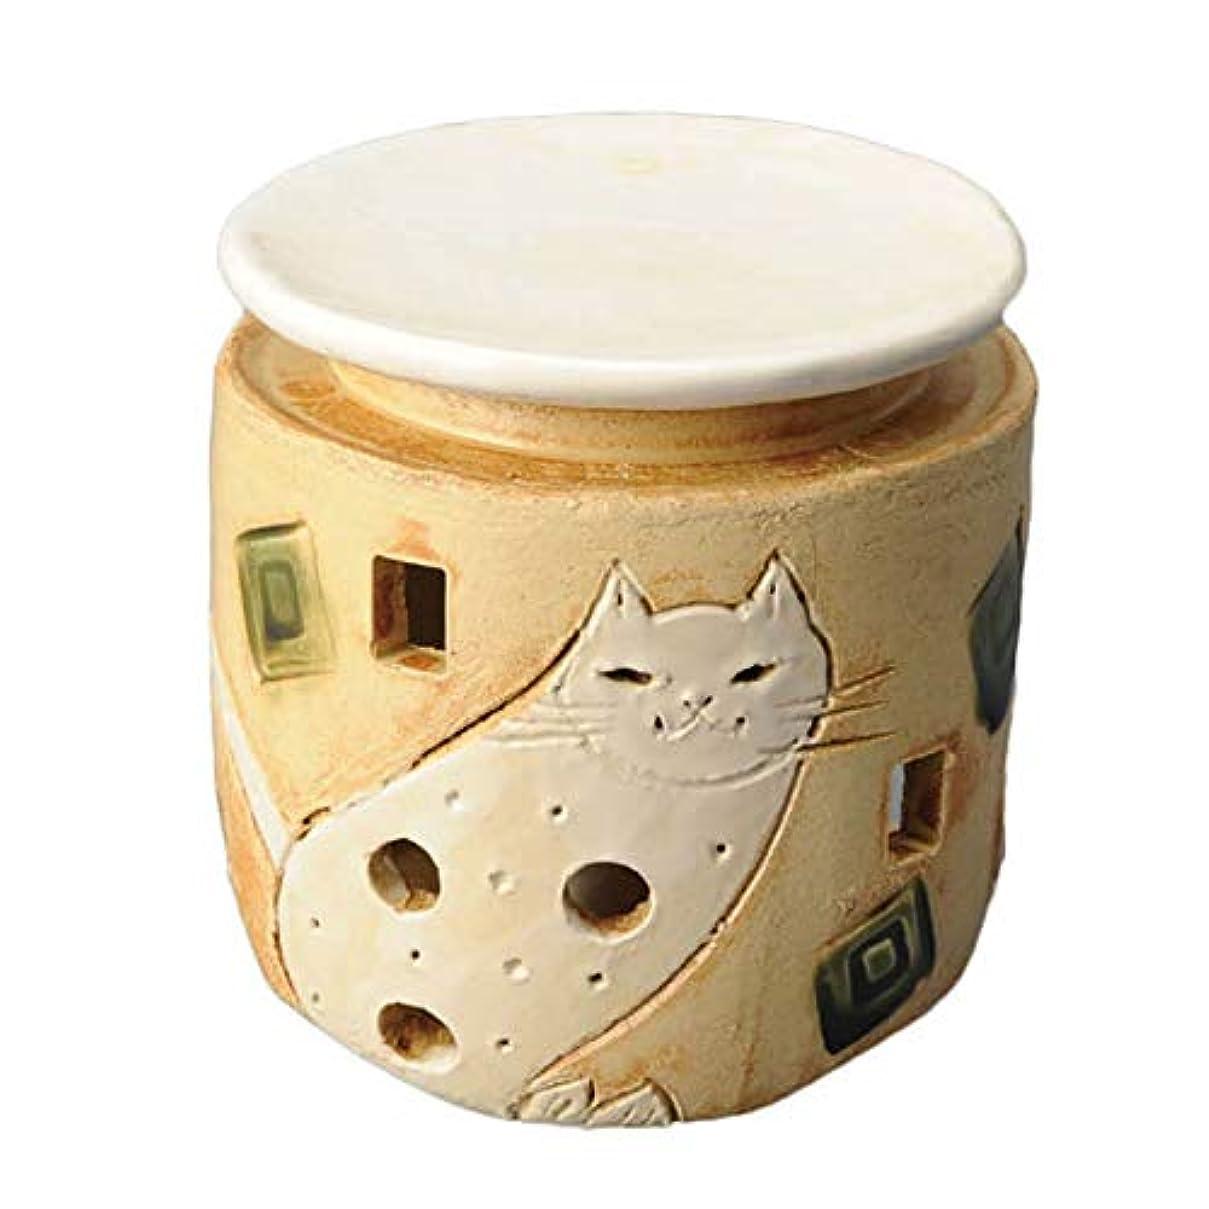 バーチャル民兵鑑定手造り 茶香炉/白猫 茶香炉/アロマ 癒やし リラックス インテリア 間接照明